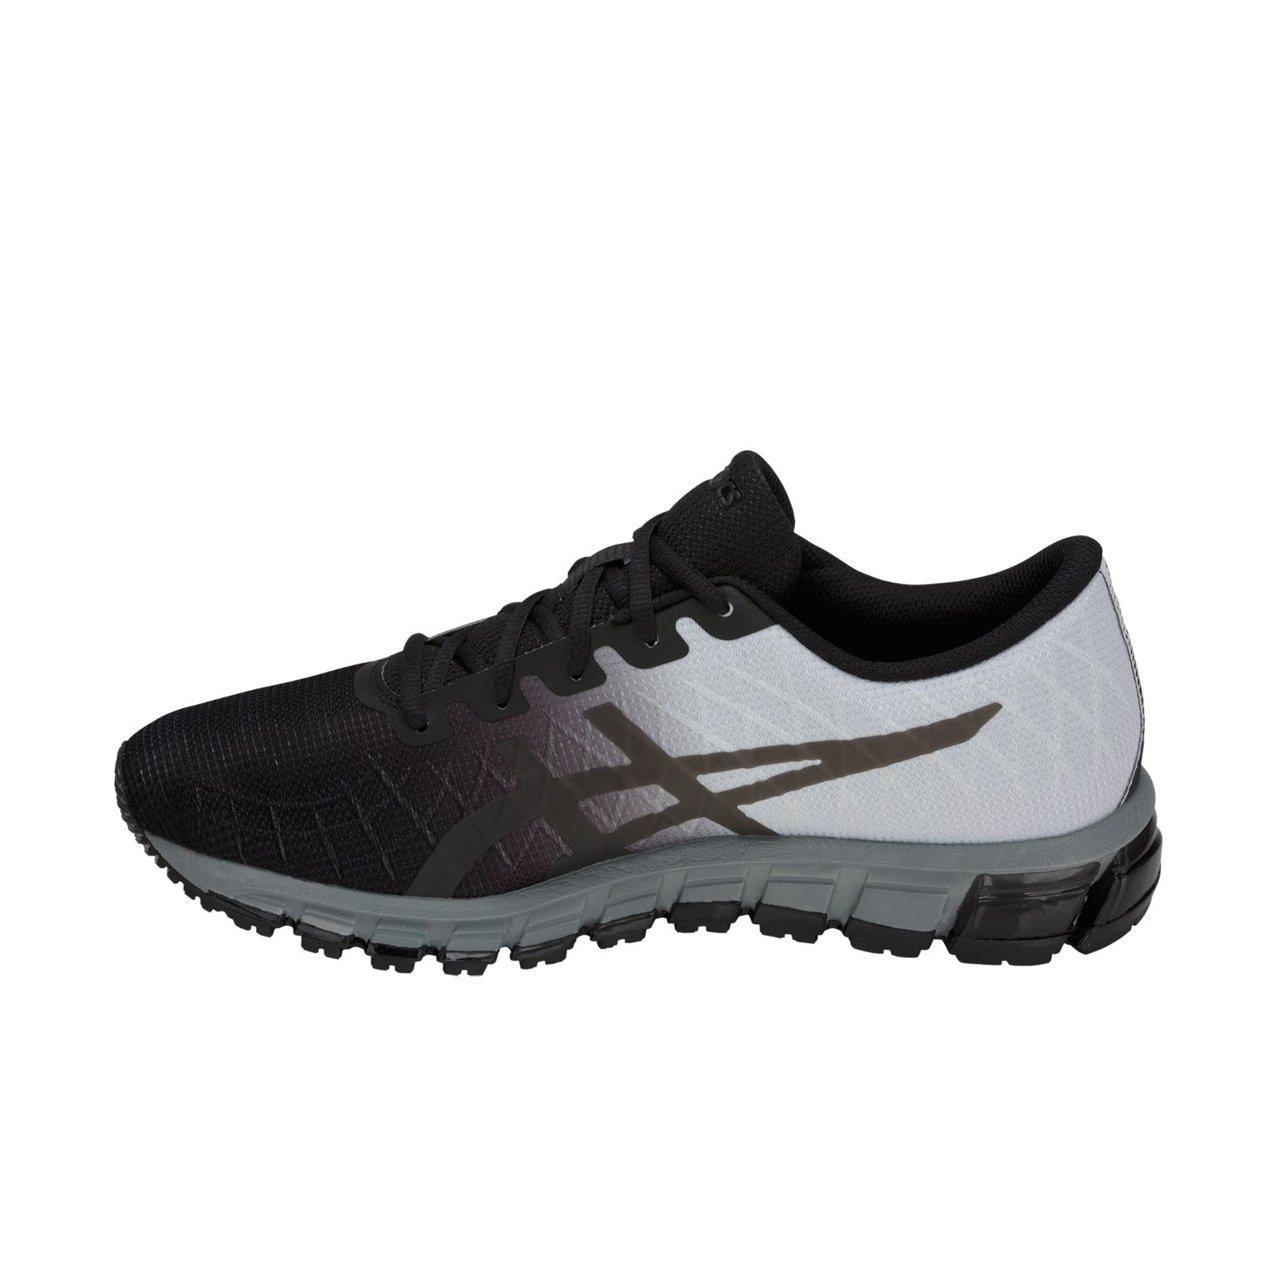 7637ec1c625fc asics sneakers mens | ventes flash